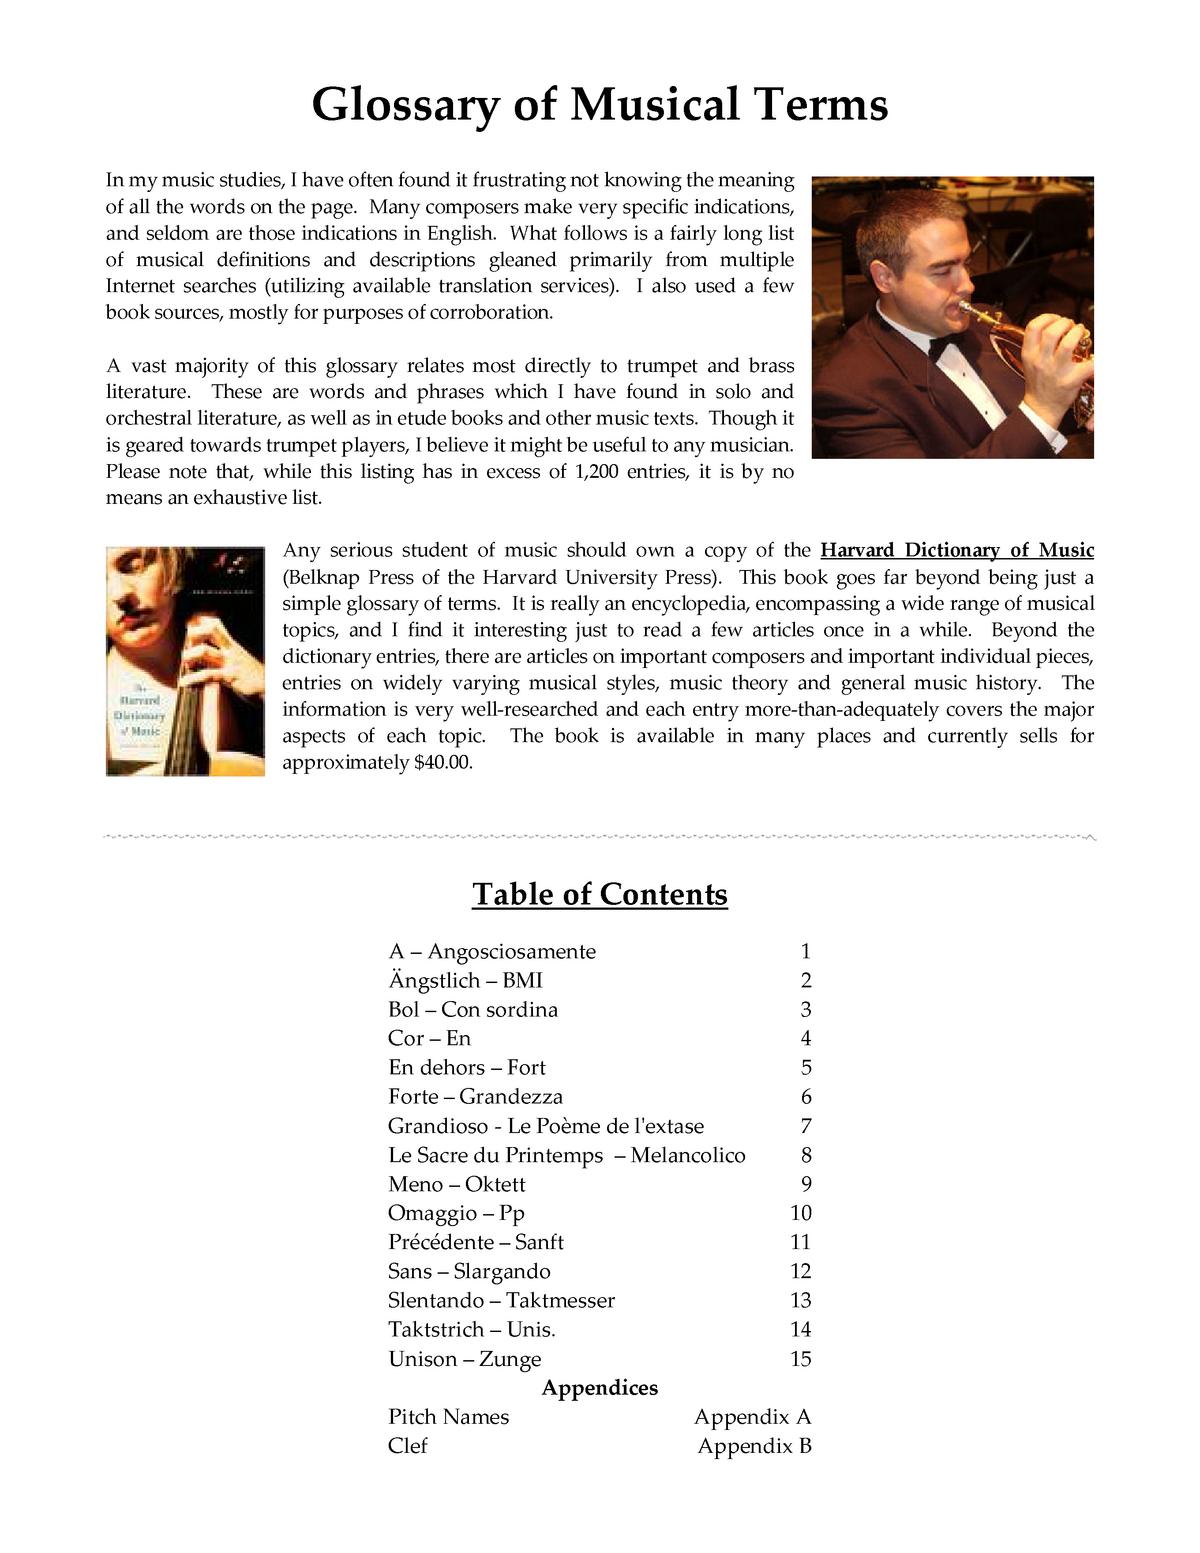 Glossary of Musical Terms - ENGL 1100 : Basic Writing - StuDocu